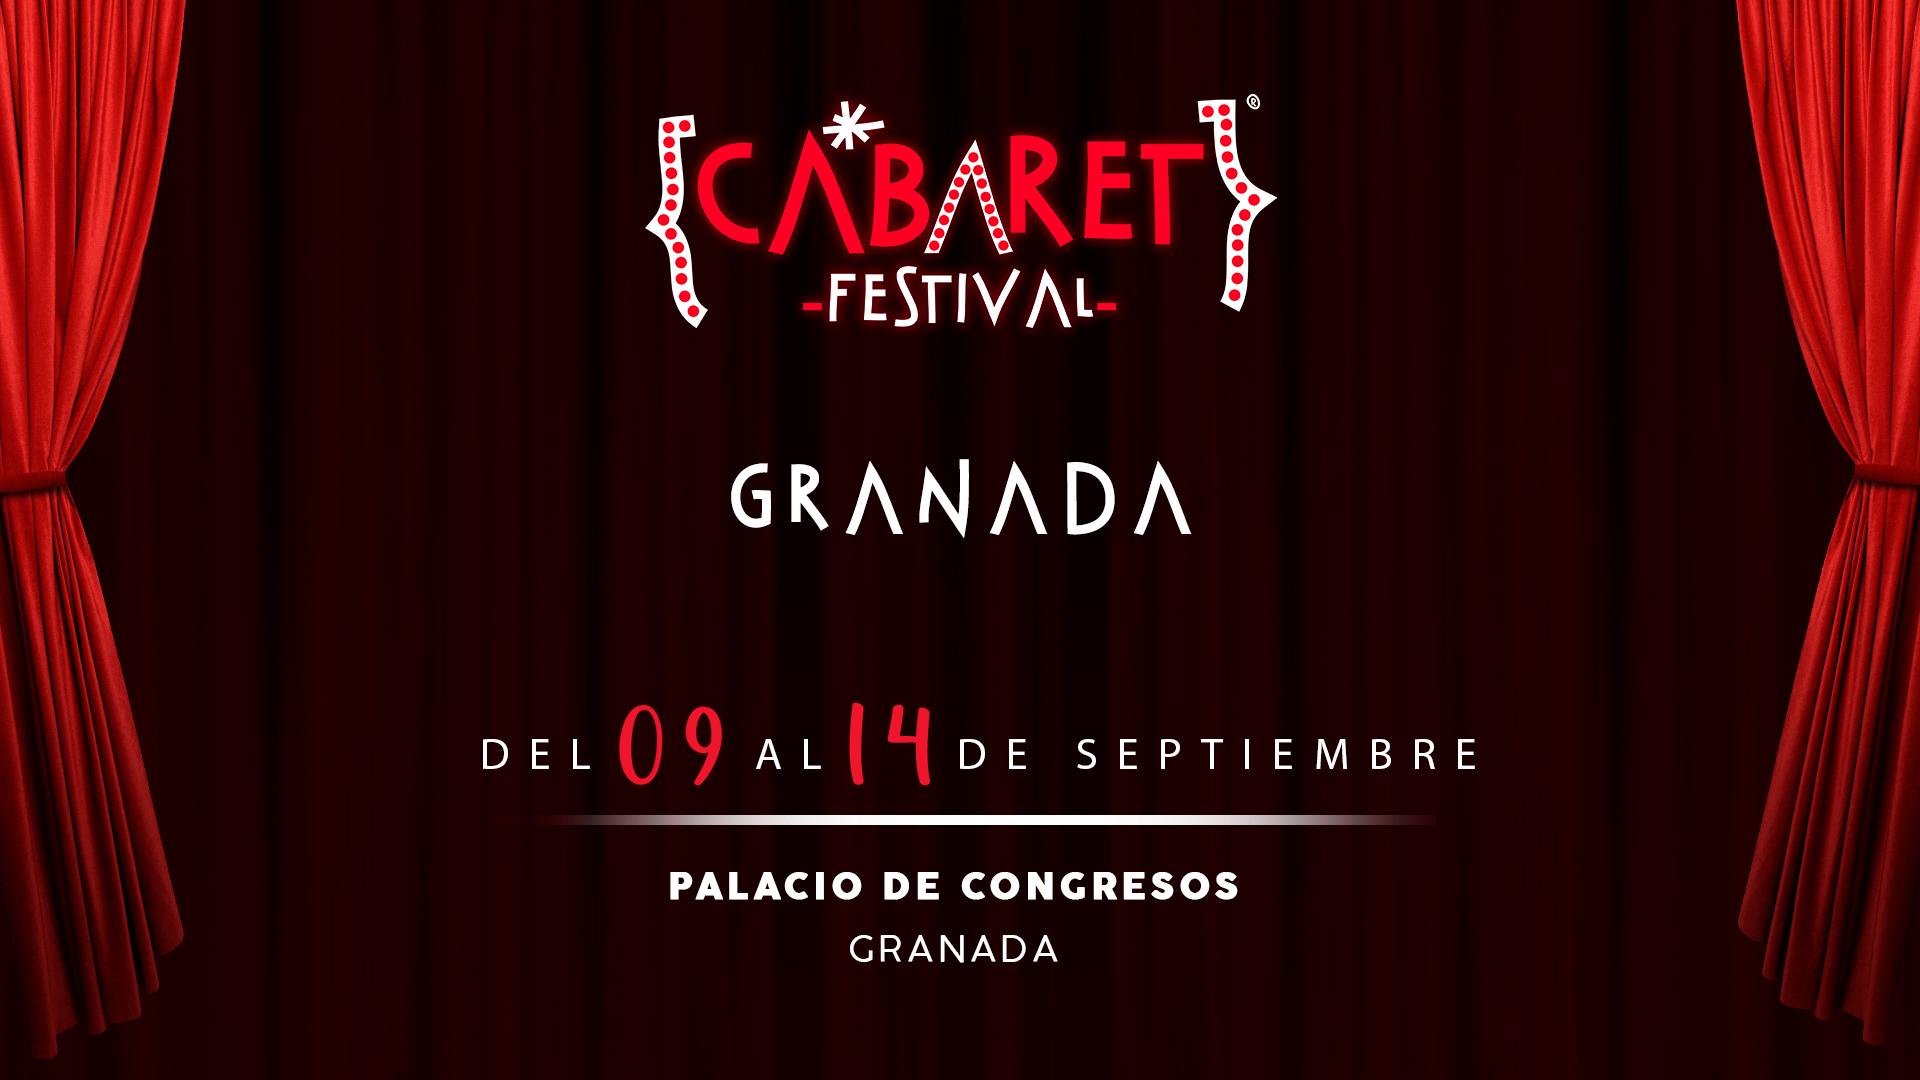 Cabaret Festival anuncia que hará una parada en Granada para llevar a su Palacio De Congresos un ciclo de espectáculos absolutamente completo y espectacular en el que el público podrá disfrutar de la mejor música, danza y comedia